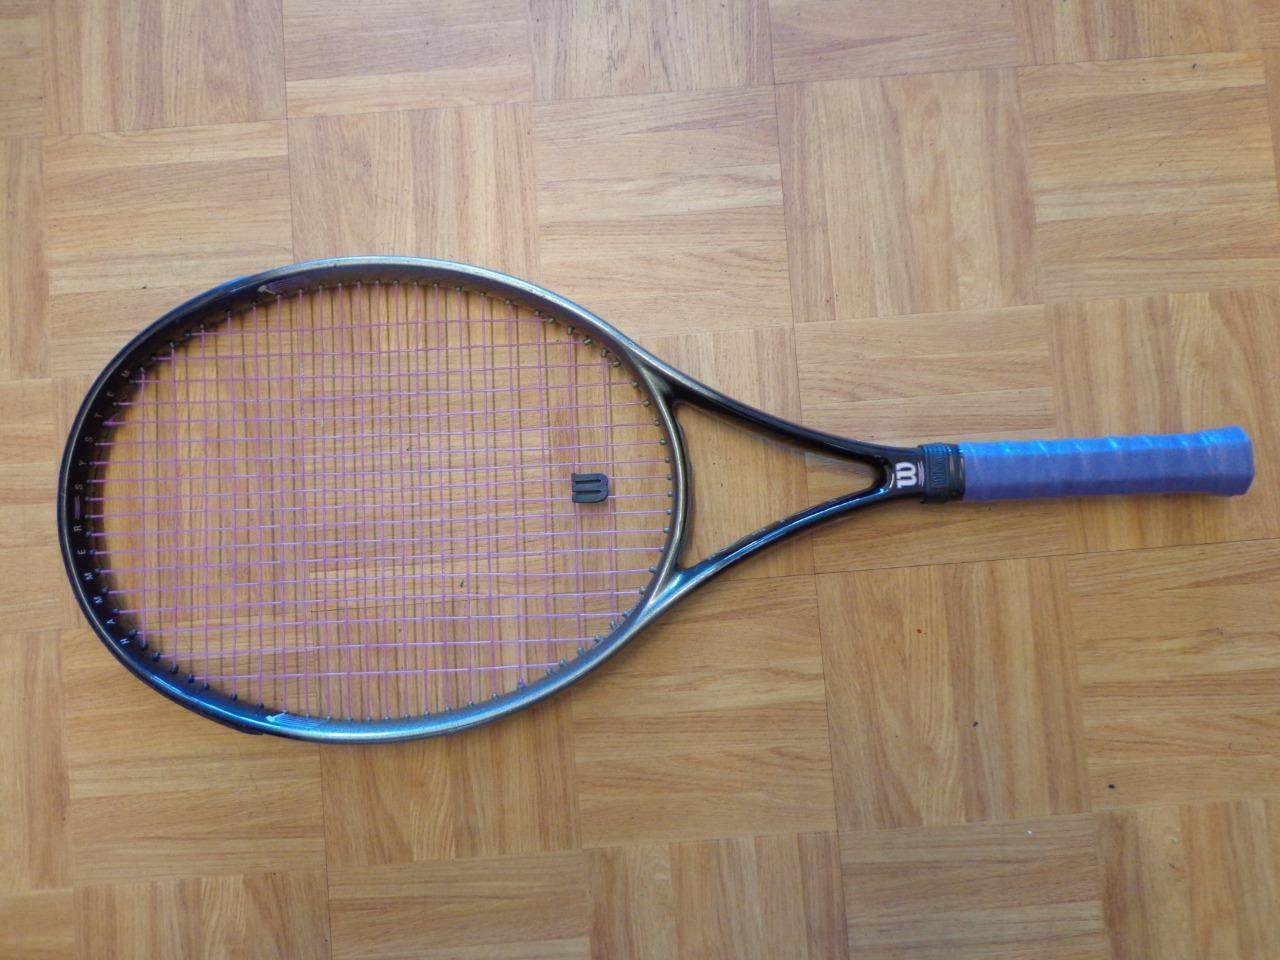 Wilson Hammer Hammer Hammer Profile 2.7 Oversize 110 head 4 1/2 grip Tennis Racquet 230b0f